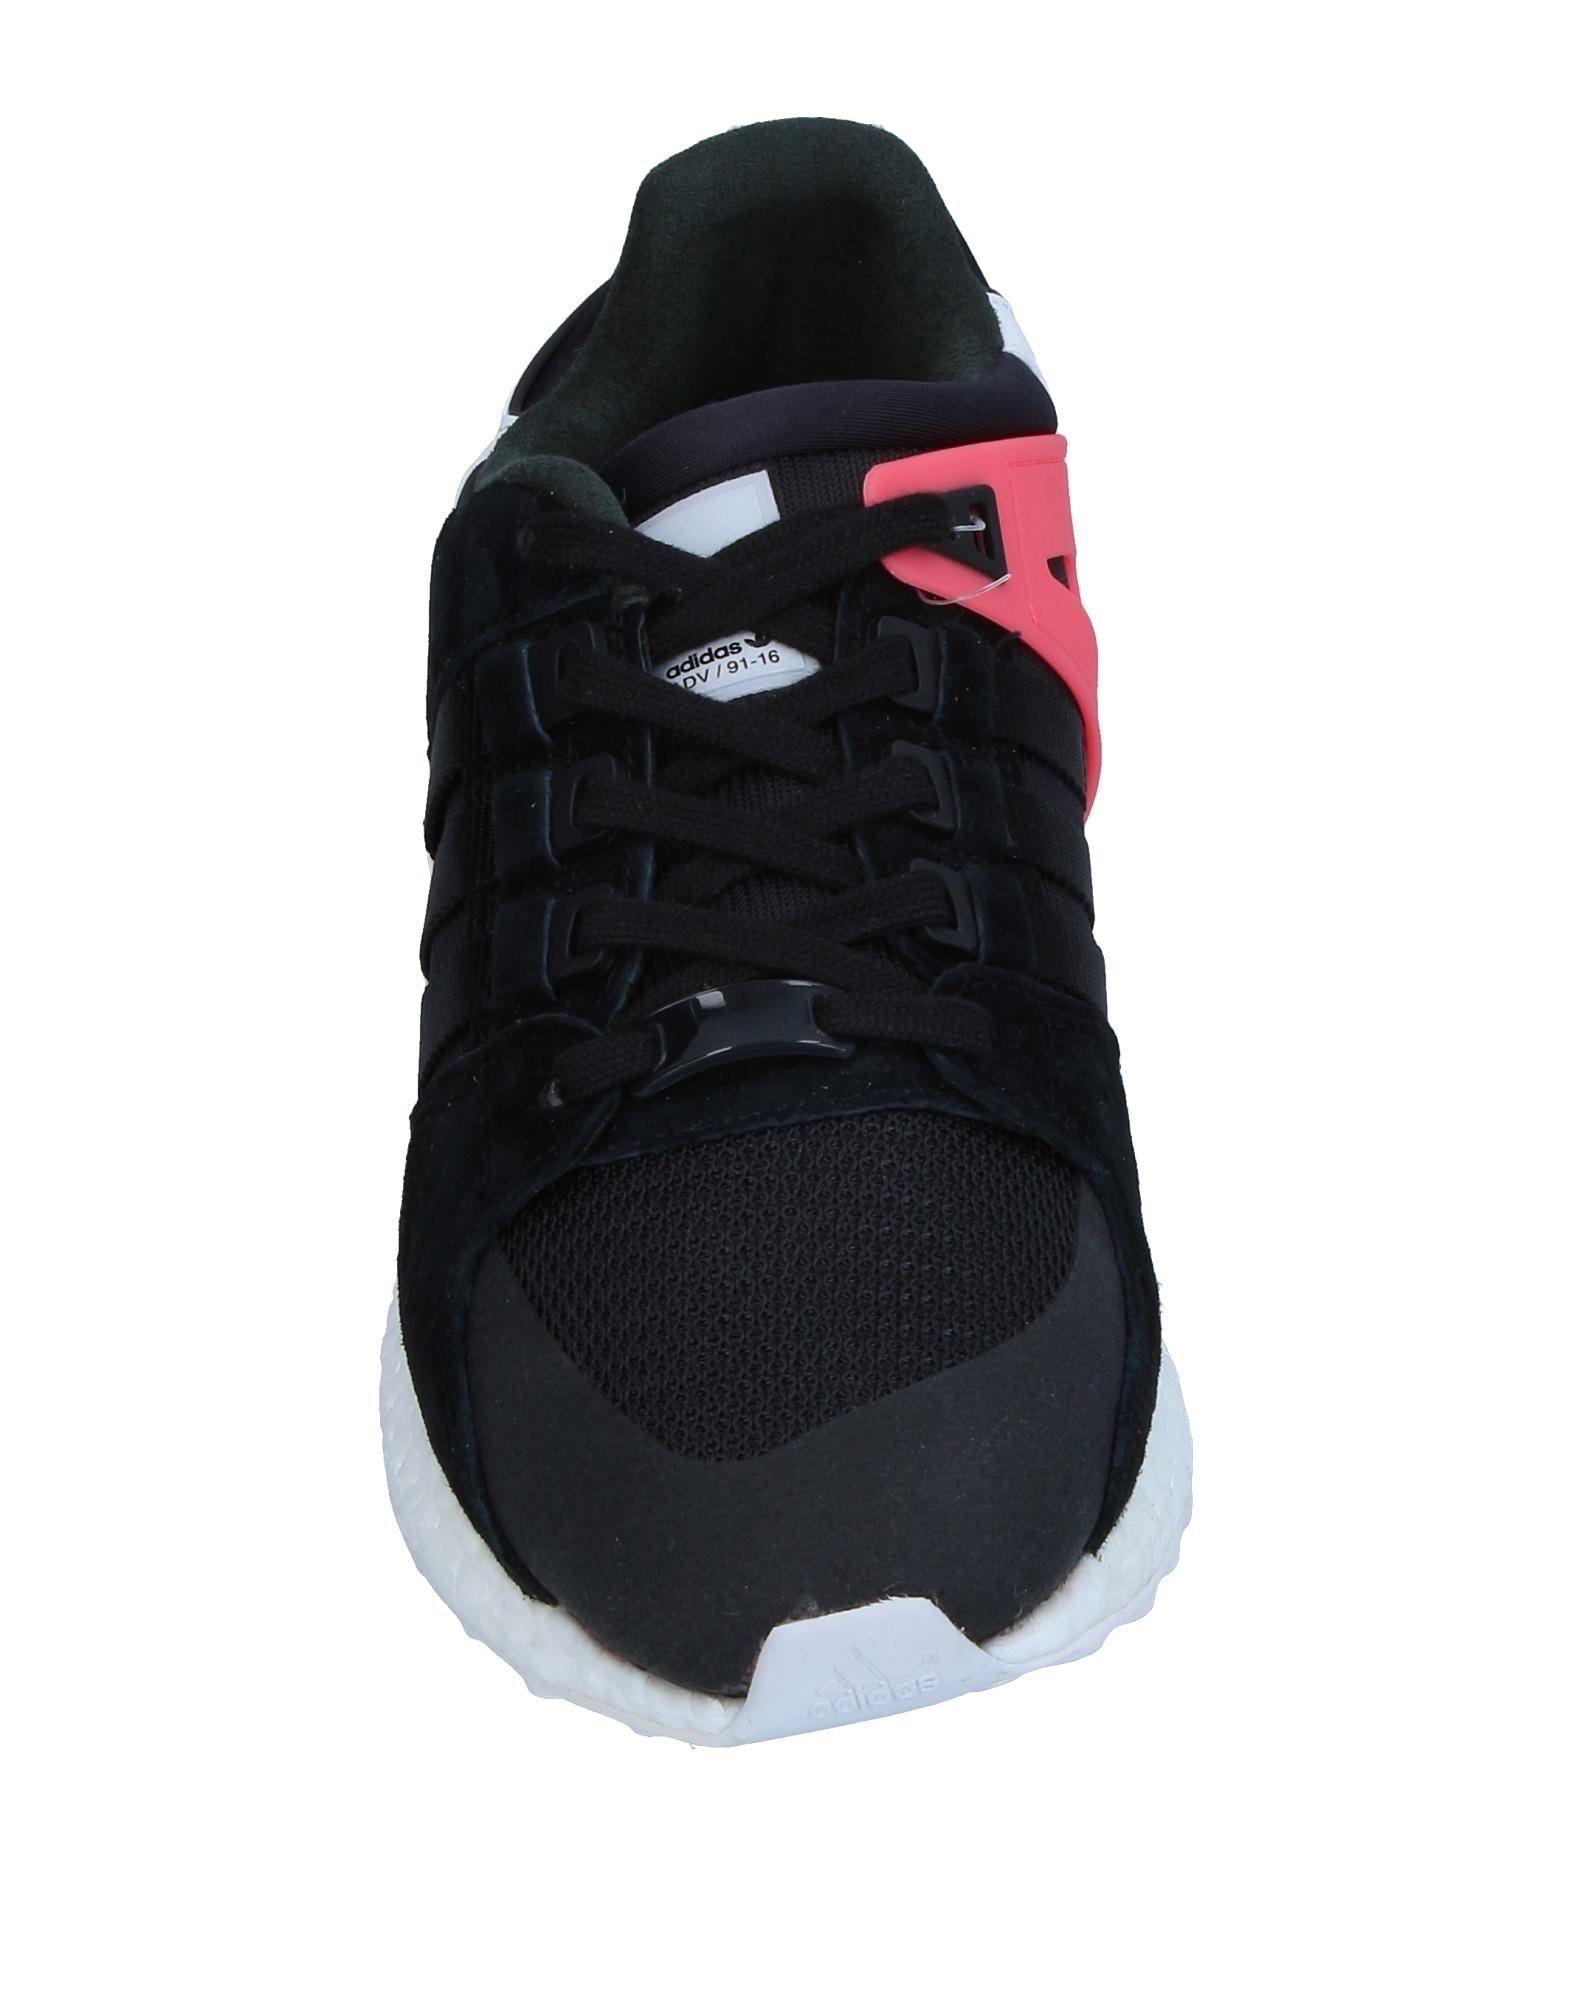 284b361872c29 ... Rabatt echte Schuhe Adidas Originals 11354493MD Sneakers Herren  11354493MD Originals 774cb9 ...